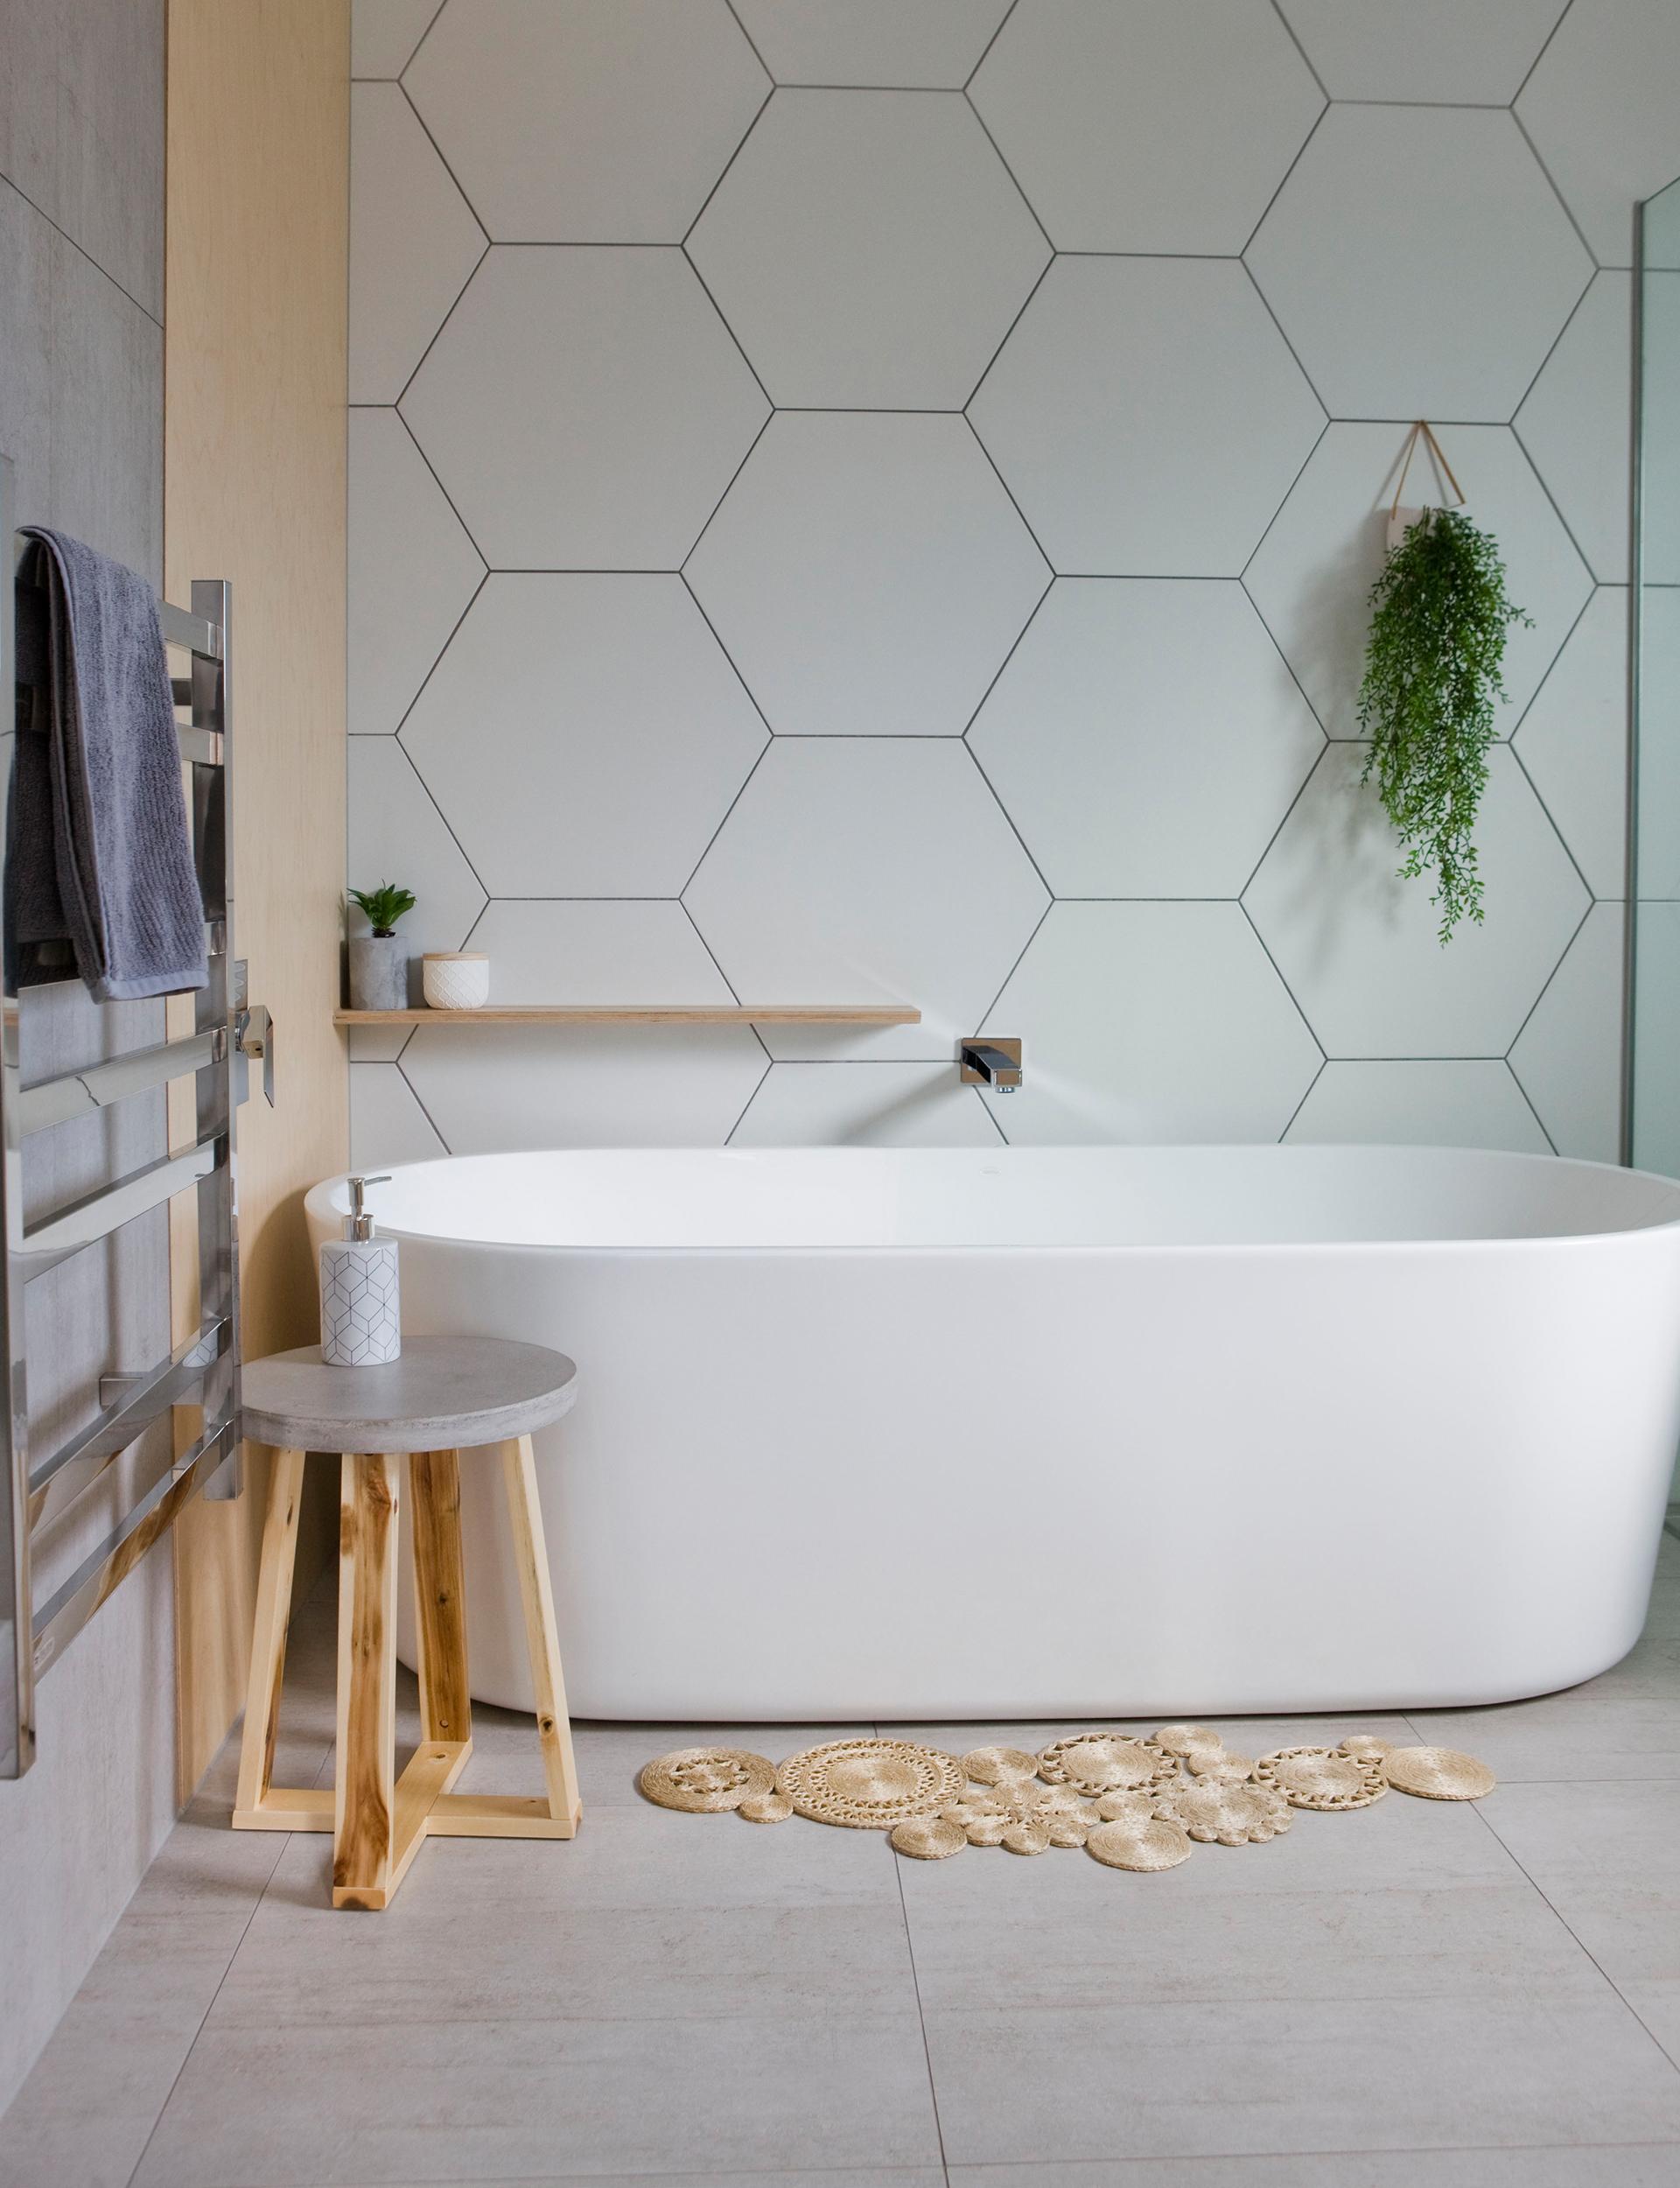 cuartos de baño de diseño decorados en estilo contemporáno según las últimas tendencias 2018 2019